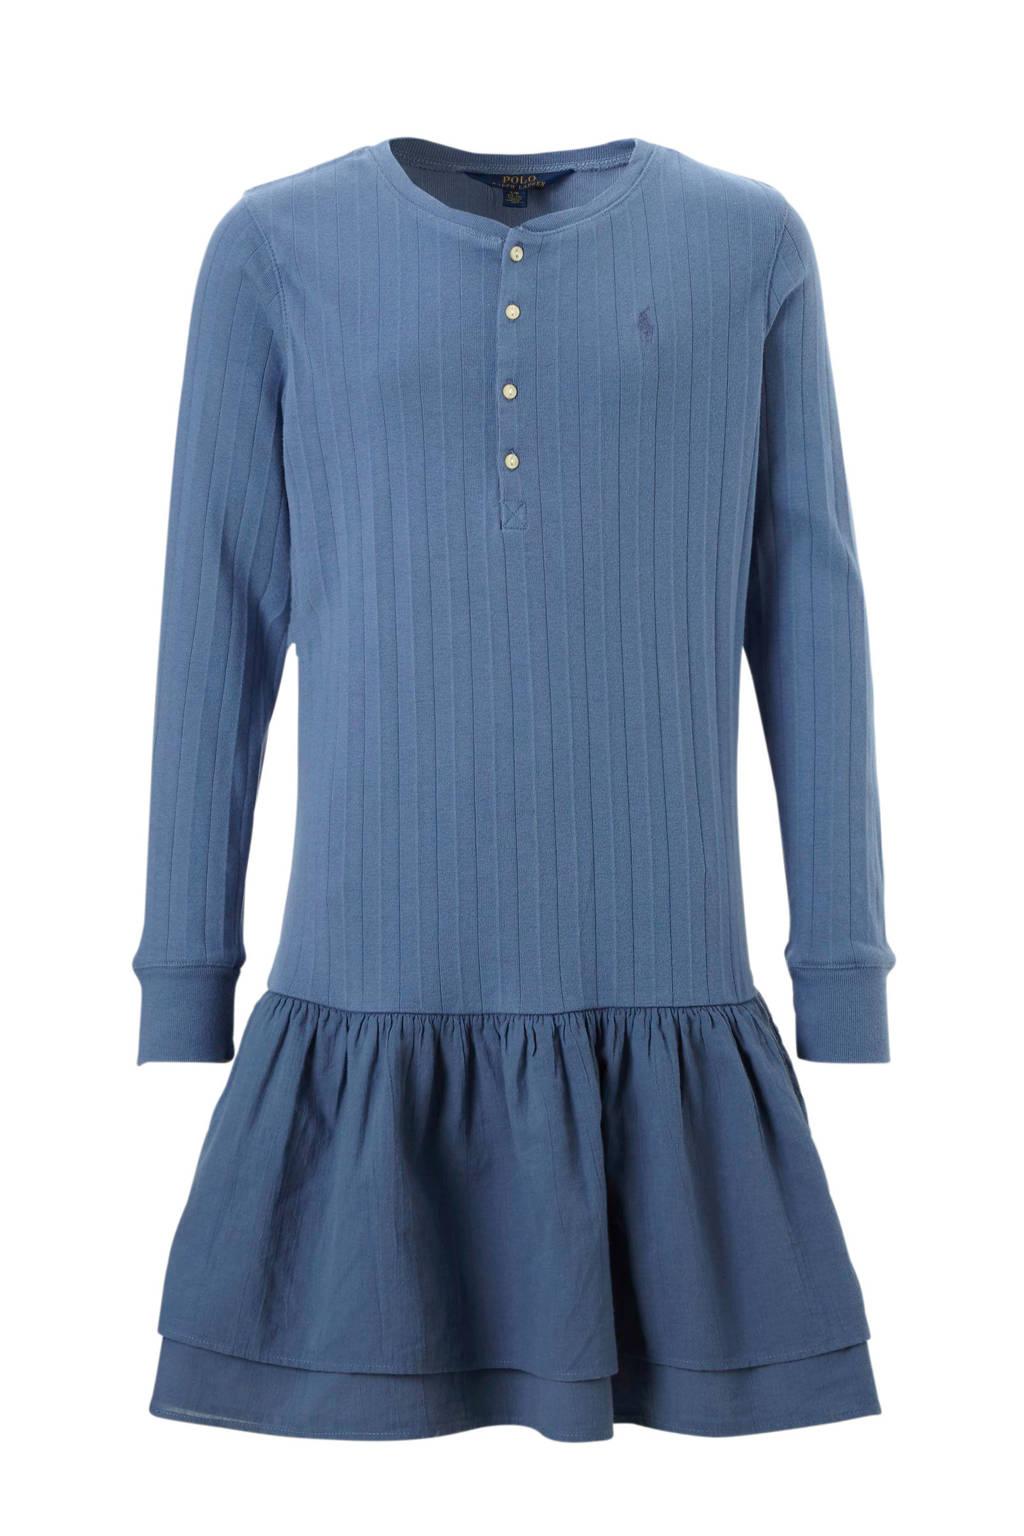 POLO Ralph Lauren jurk nachtblauw, Jeans blauw